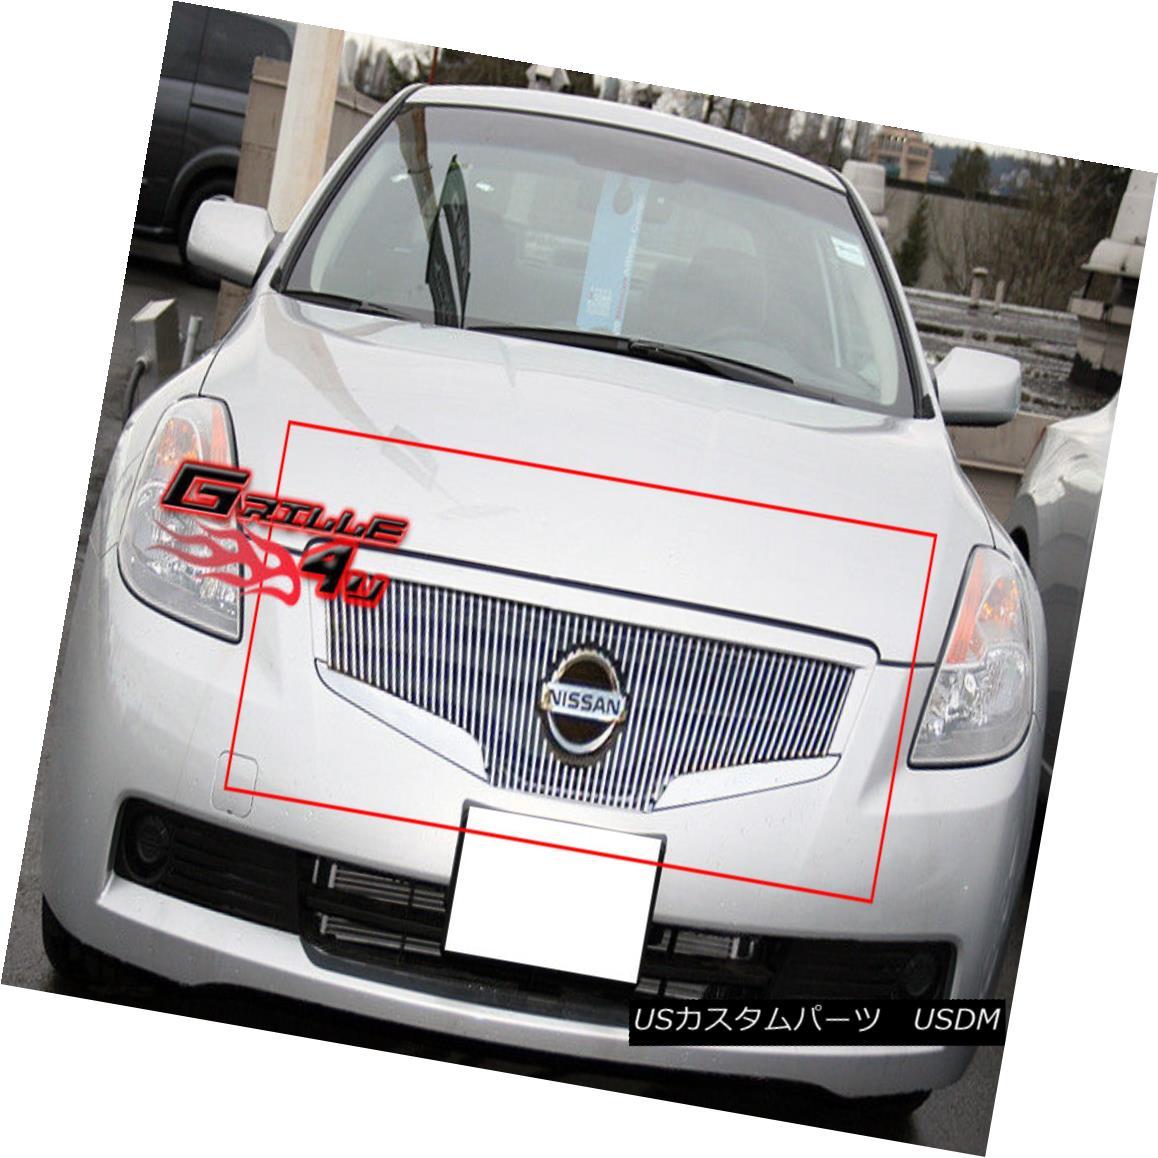 グリル Fits 2007-2009 Nissan Altima Vertical Billet Main Upper Grille Insert フィット2007-2009日産アルティマ垂直ビレットメインアッパーグリルインサート